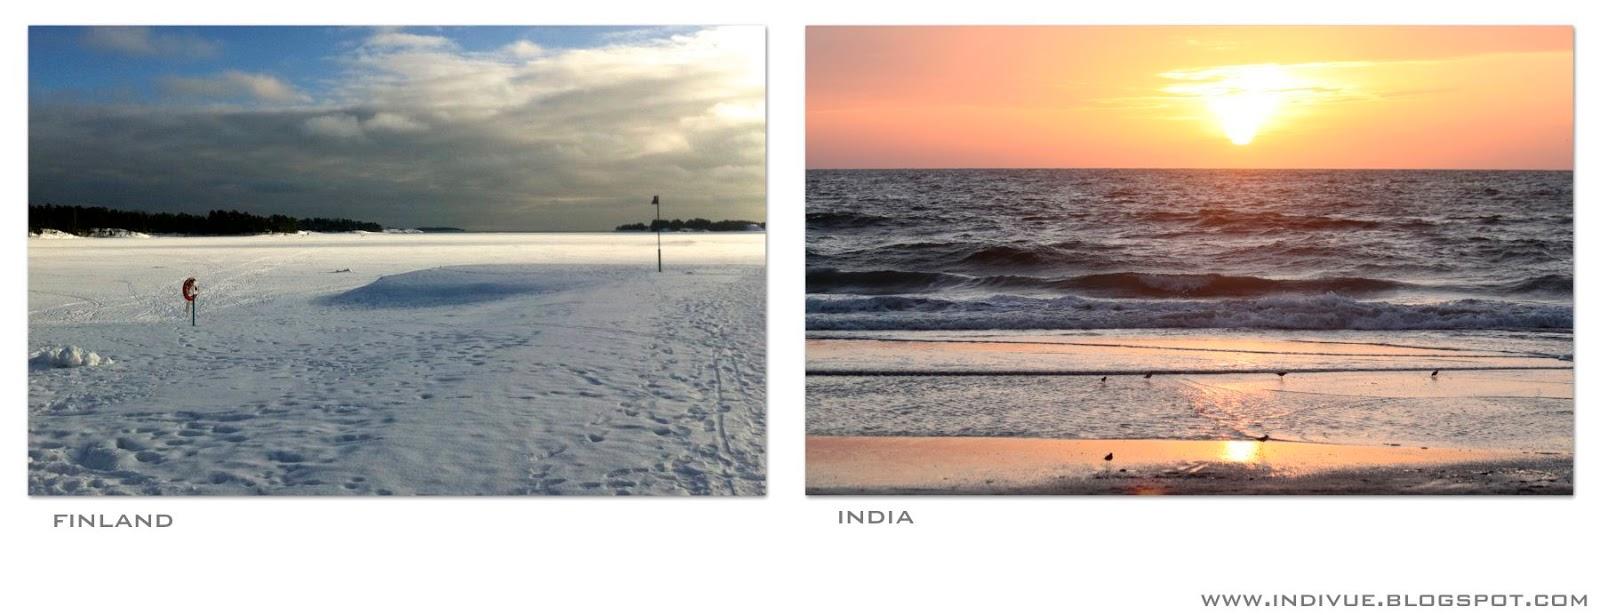 Helmikuinen meri Suomessa ja Intiassa